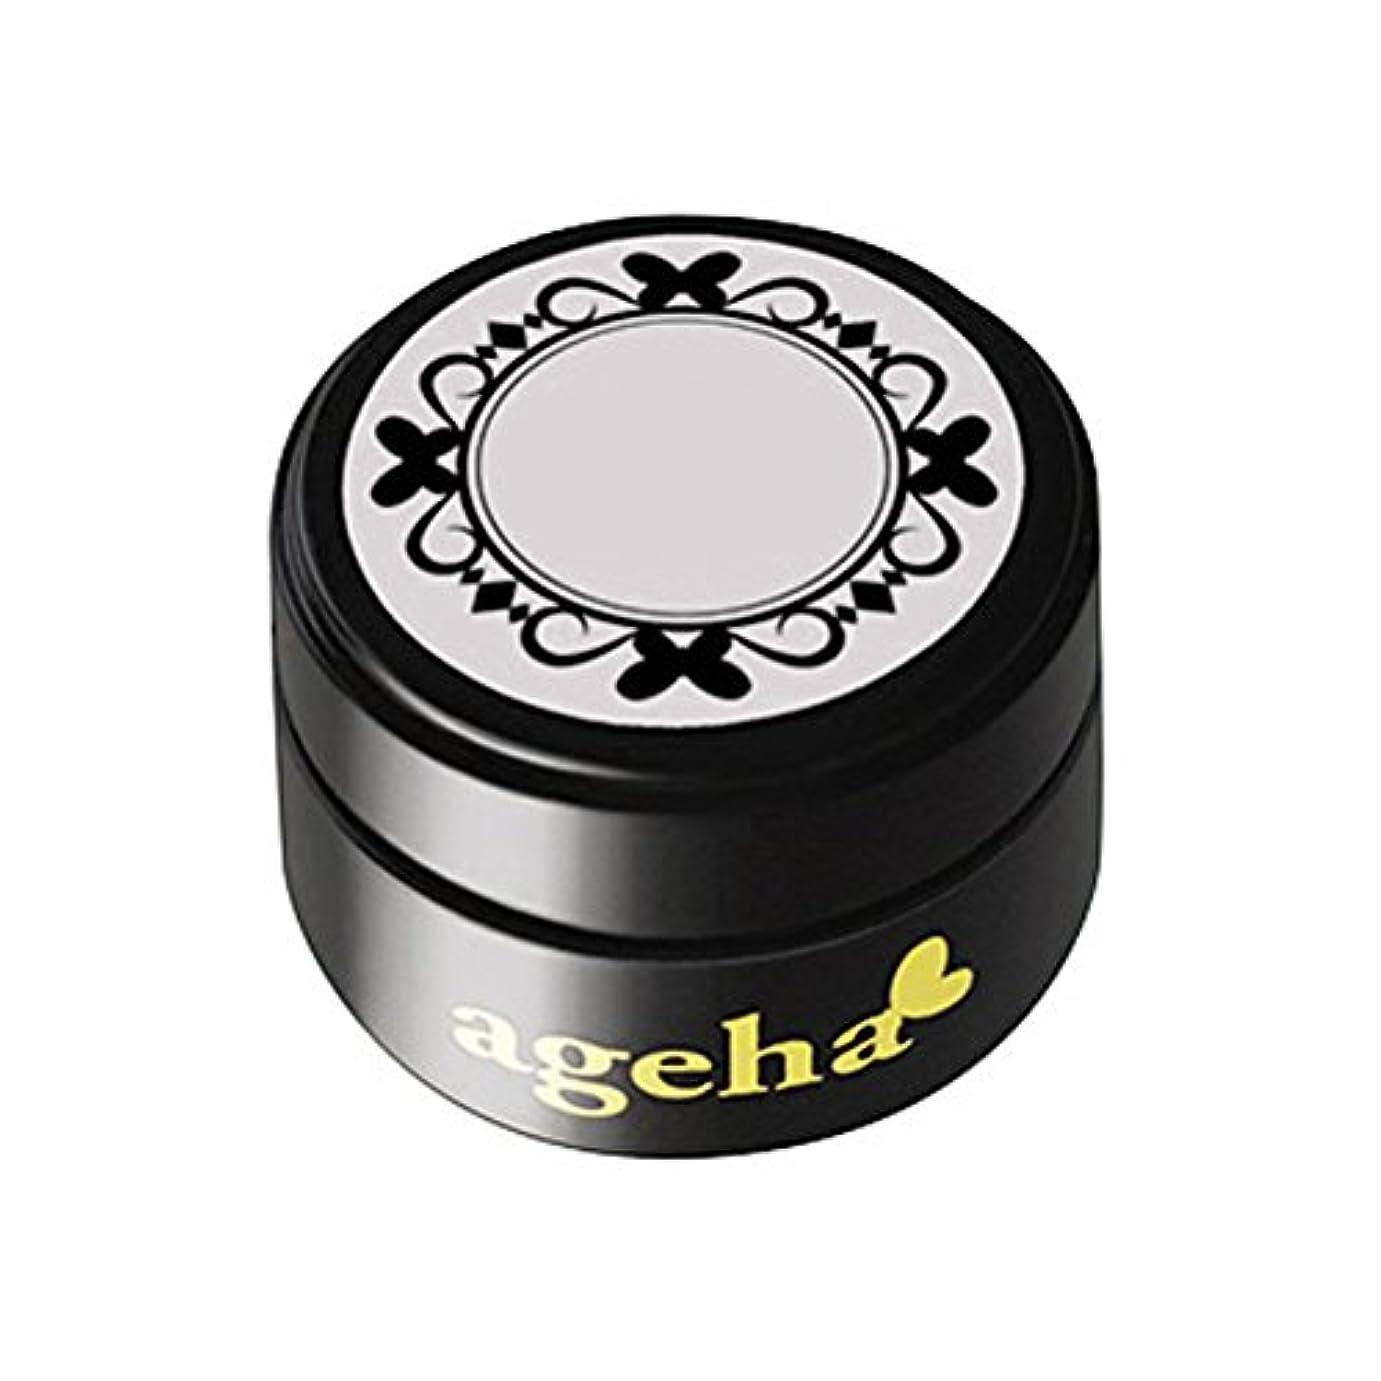 アルファベット器具つまらないageha gel カラージェル コスメカラー 112 ミルキーストロベリー 2.7g UV/LED対応